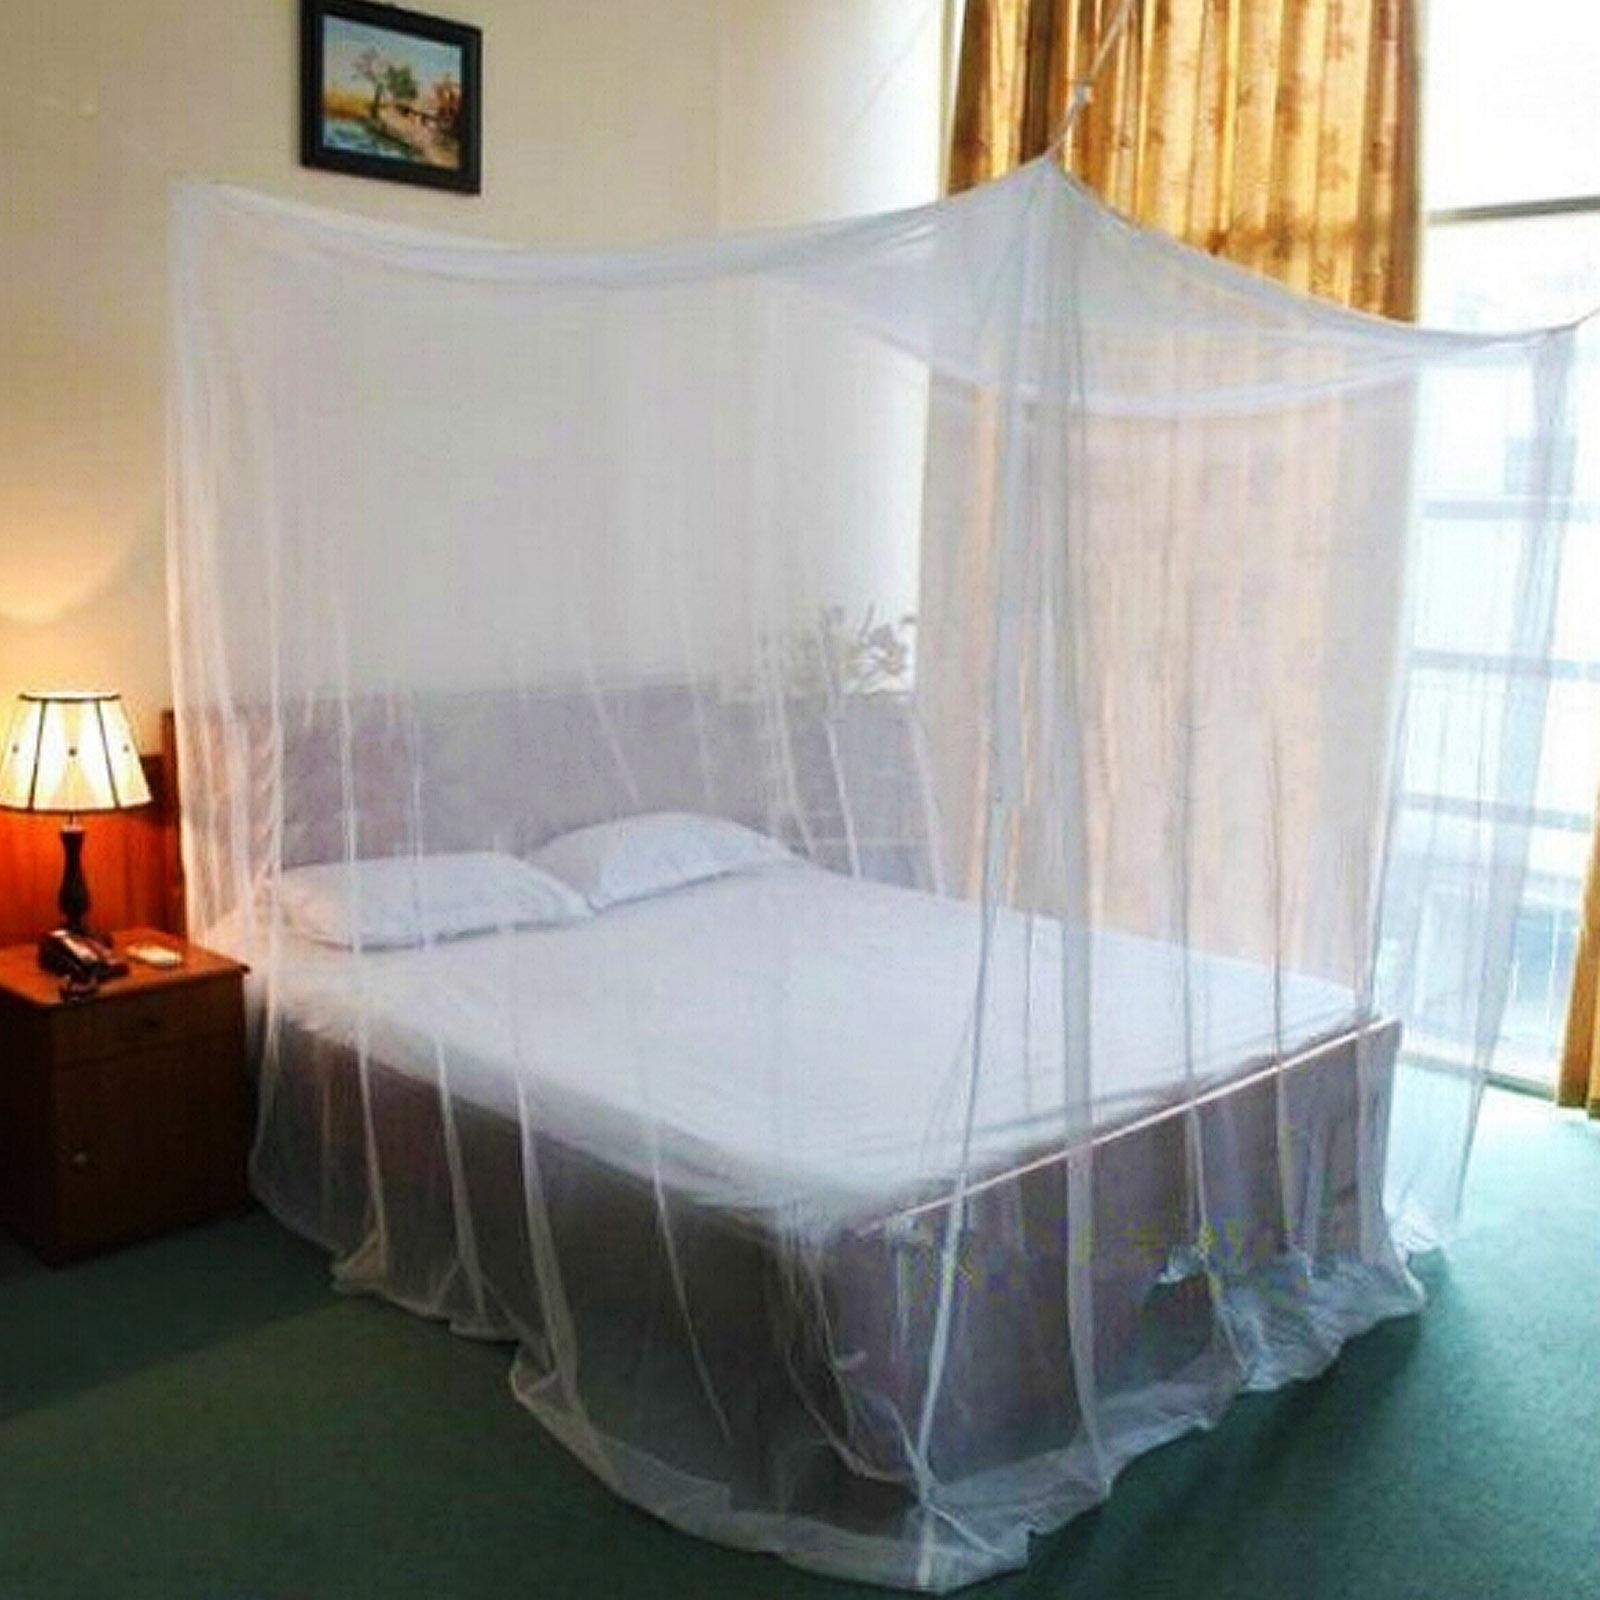 moskitonetz betthimmel fliegennetz m ckennetz doppelbett insektennetz reise netz ebay. Black Bedroom Furniture Sets. Home Design Ideas